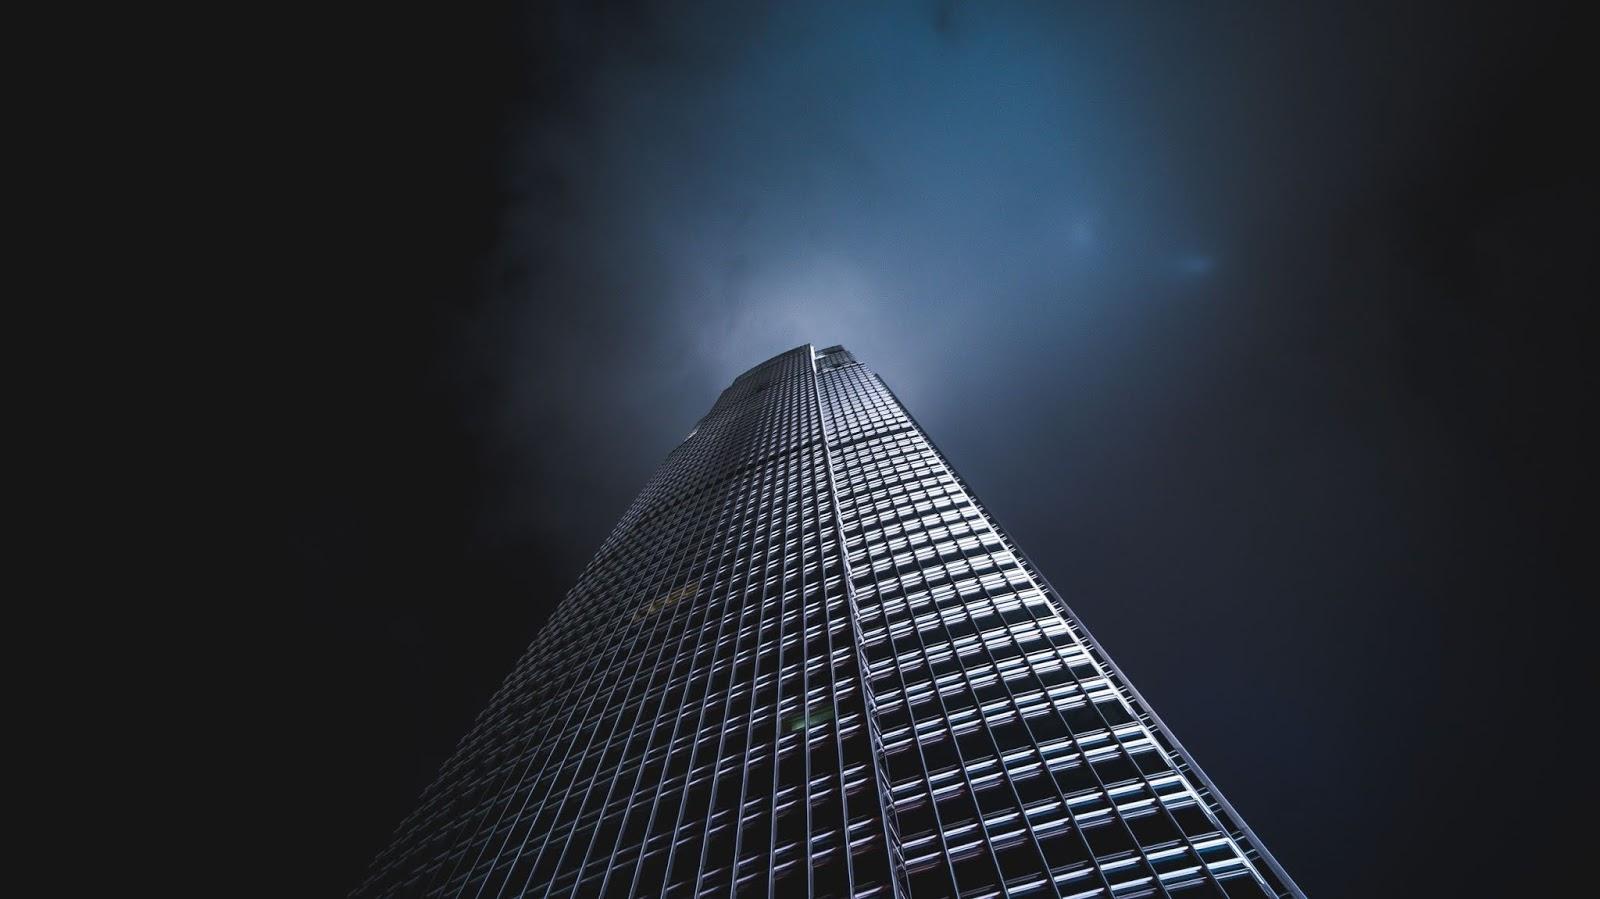 Architecture, Building, Skyscraper, World